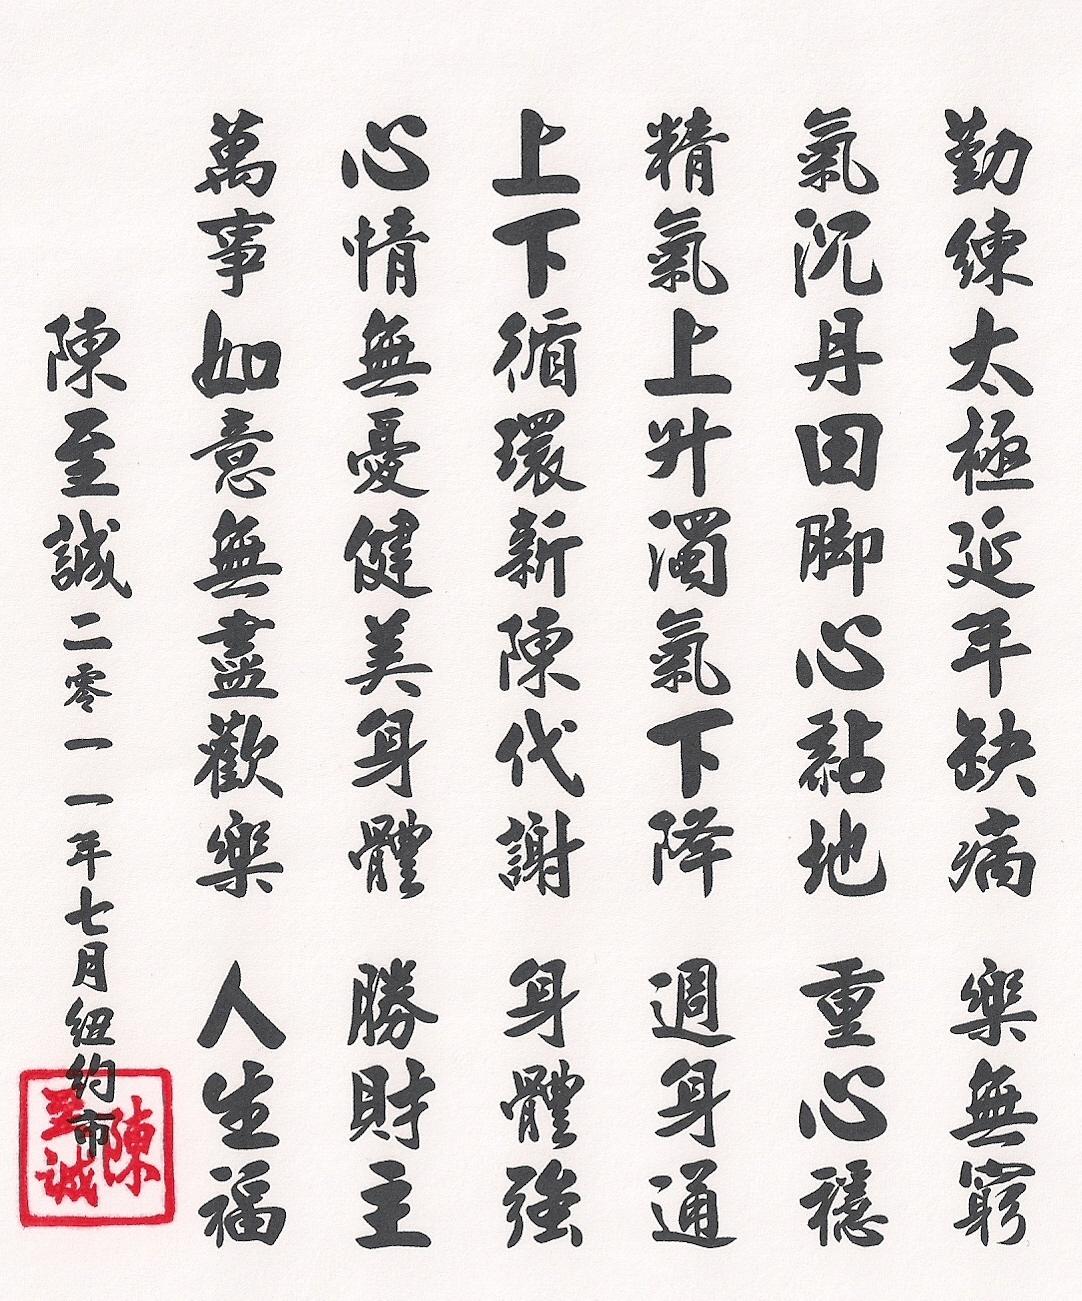 taichi chen